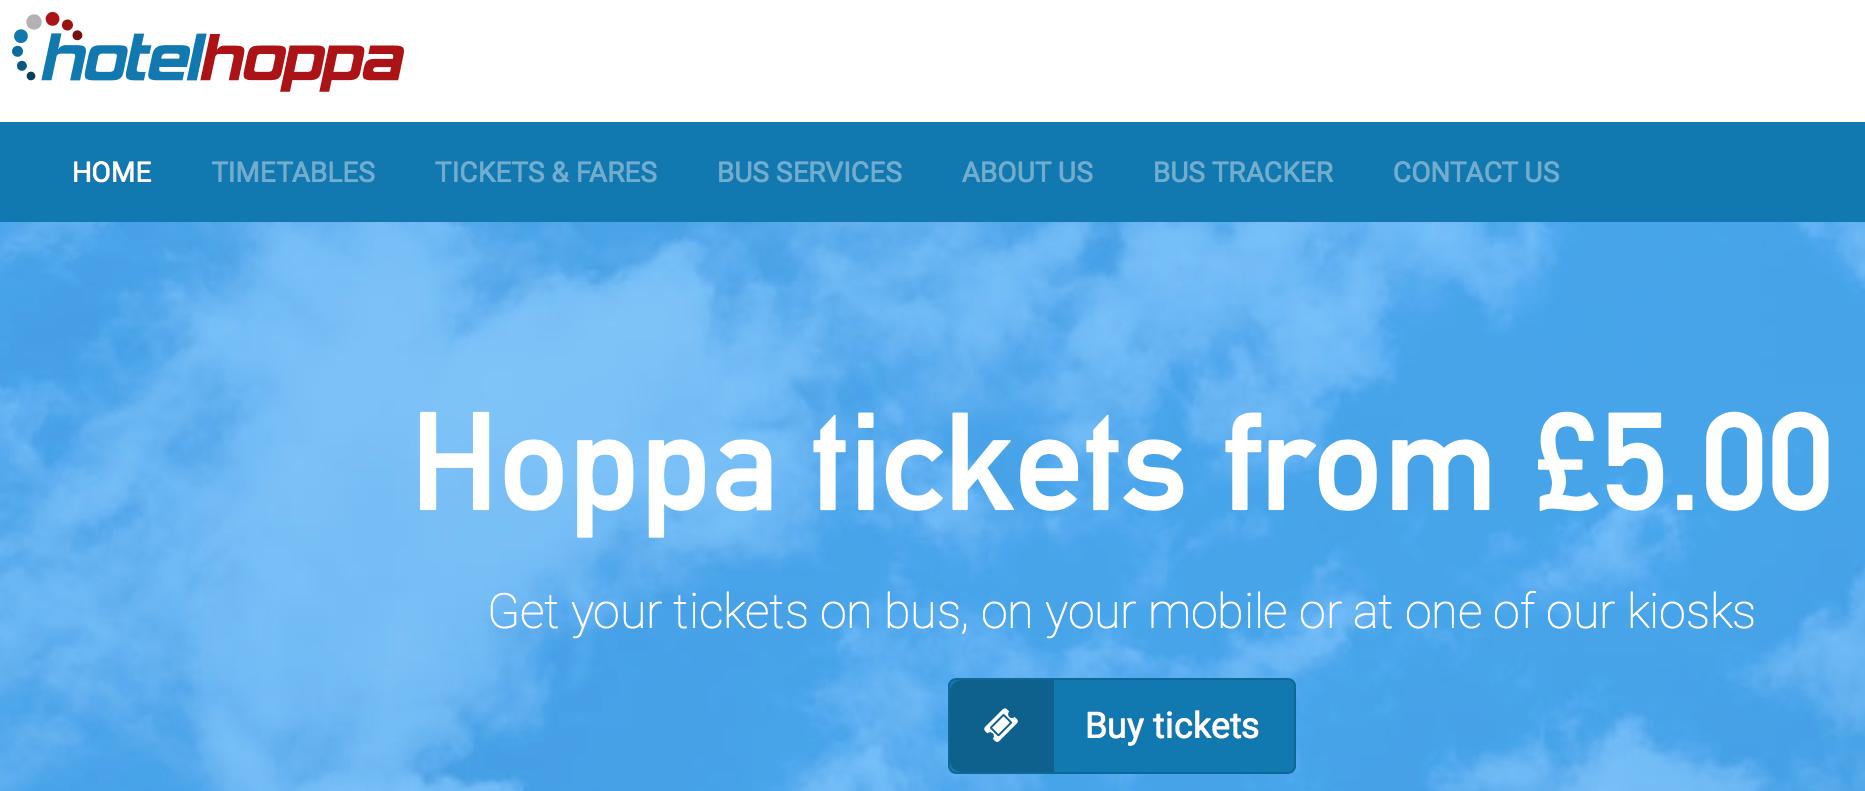 ロンドン・ヒースロー空港(LHR)周辺のホテルを運行する「Hotel Hoppa」徹底攻略